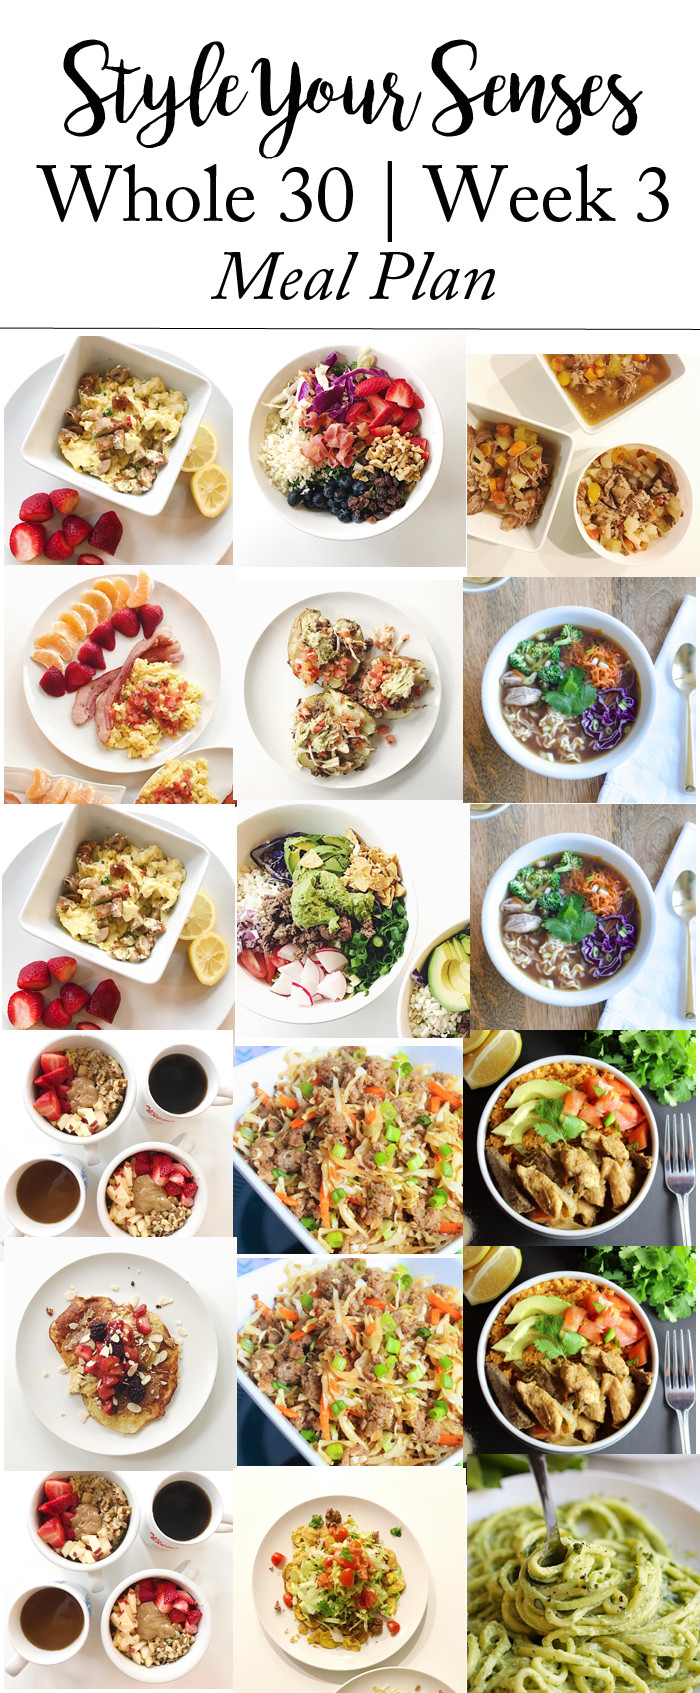 Whole 30 Dinner  Whole30 Week 2 Update Week 3 Meal Plan